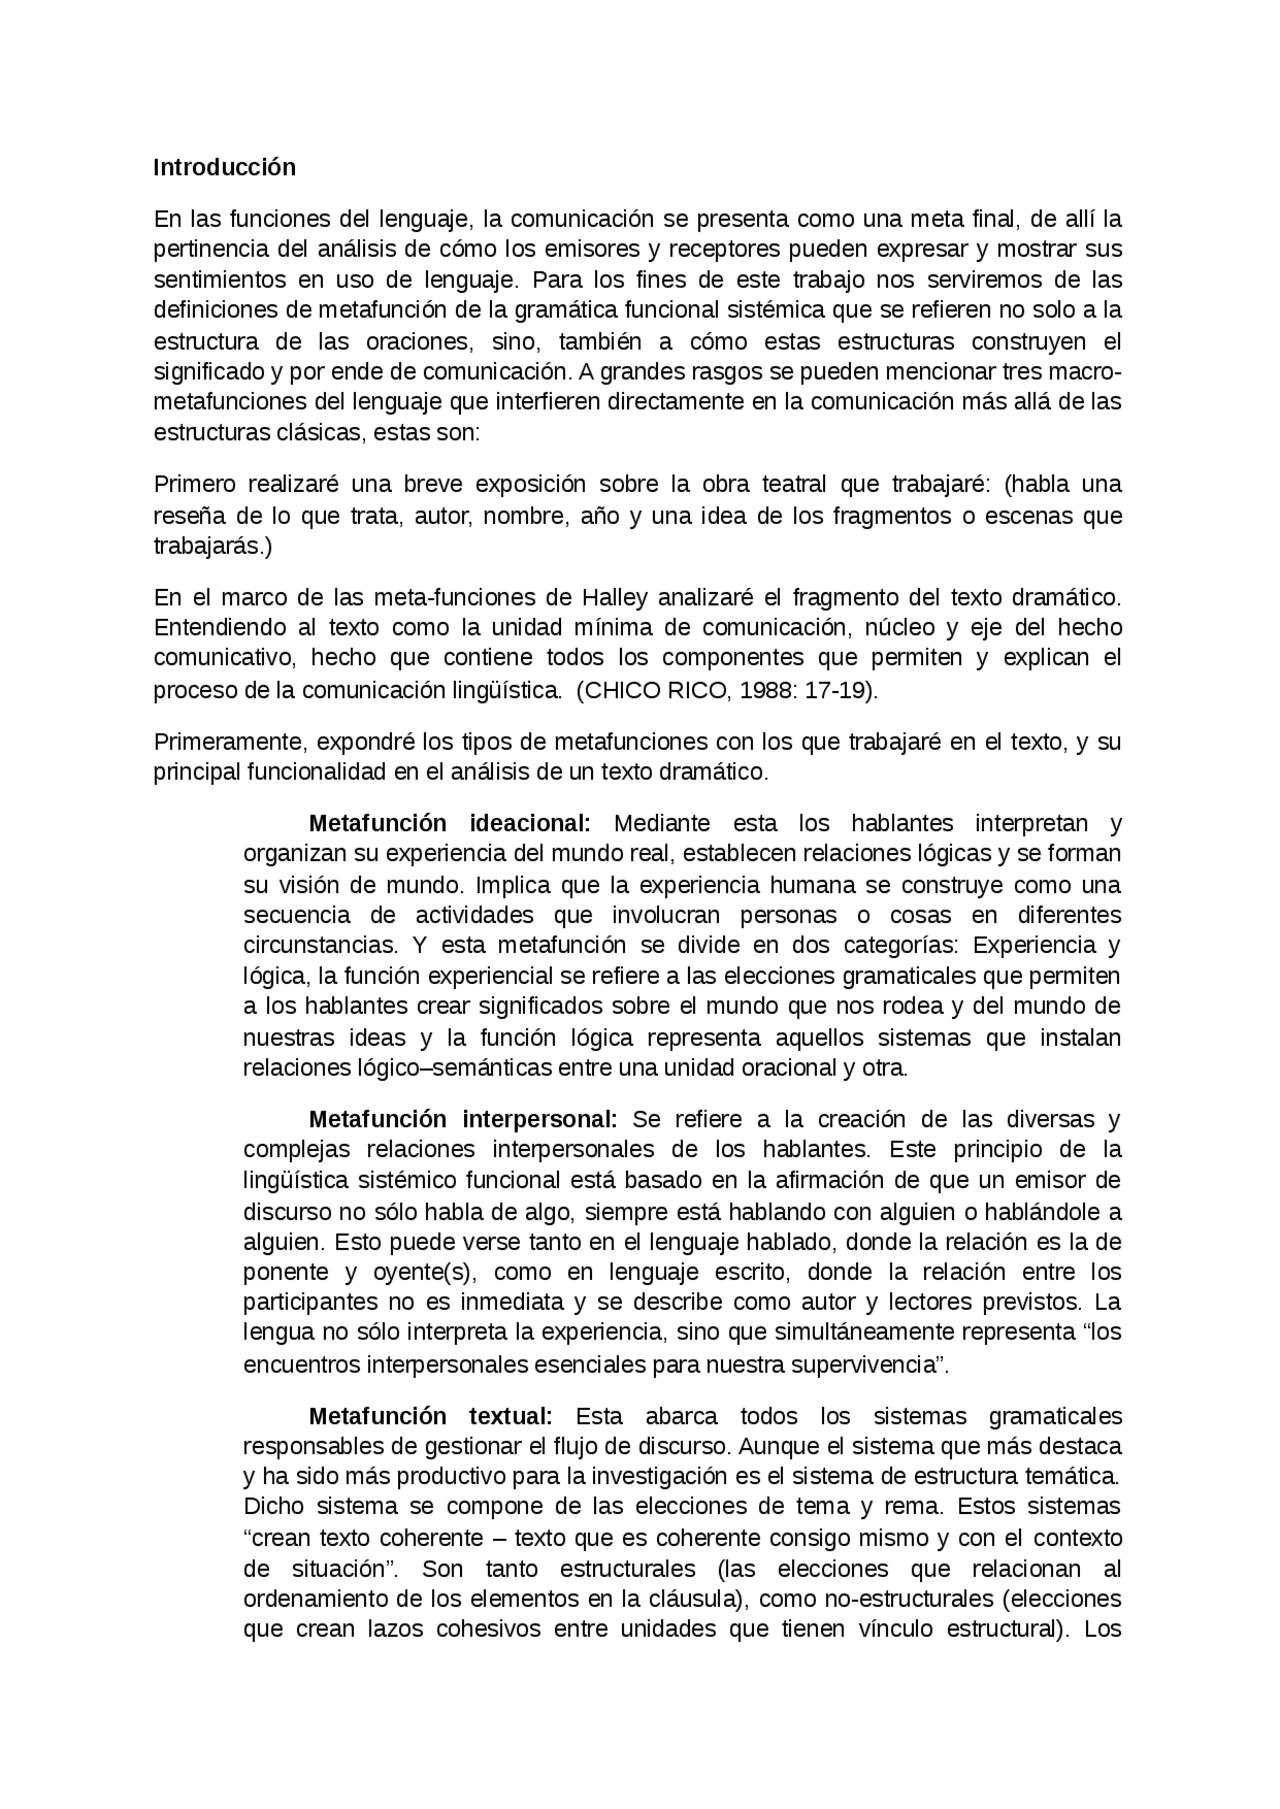 Analisis De Un Texto Dramático Docsity